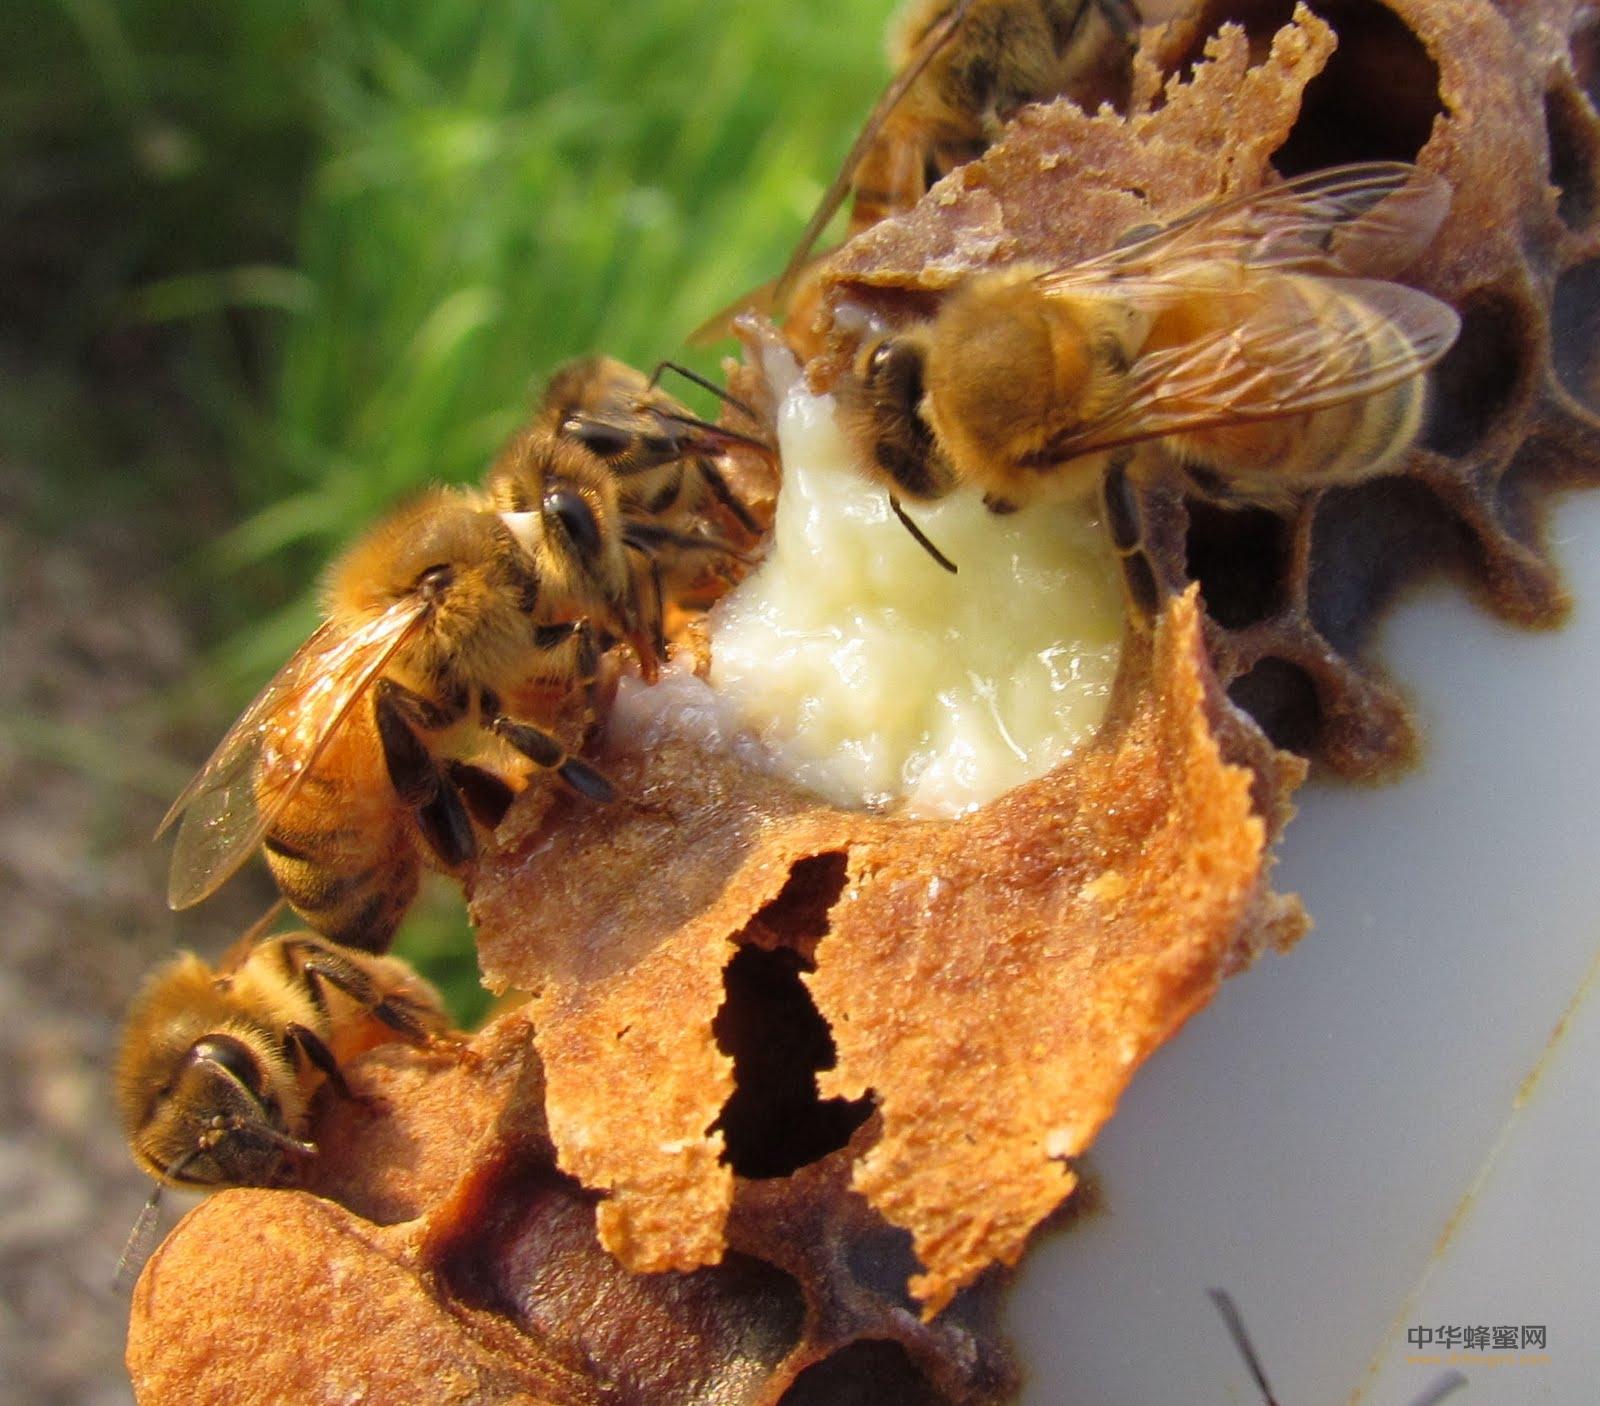 蜂王浆 蜂王浆的功效与作用及食用方法